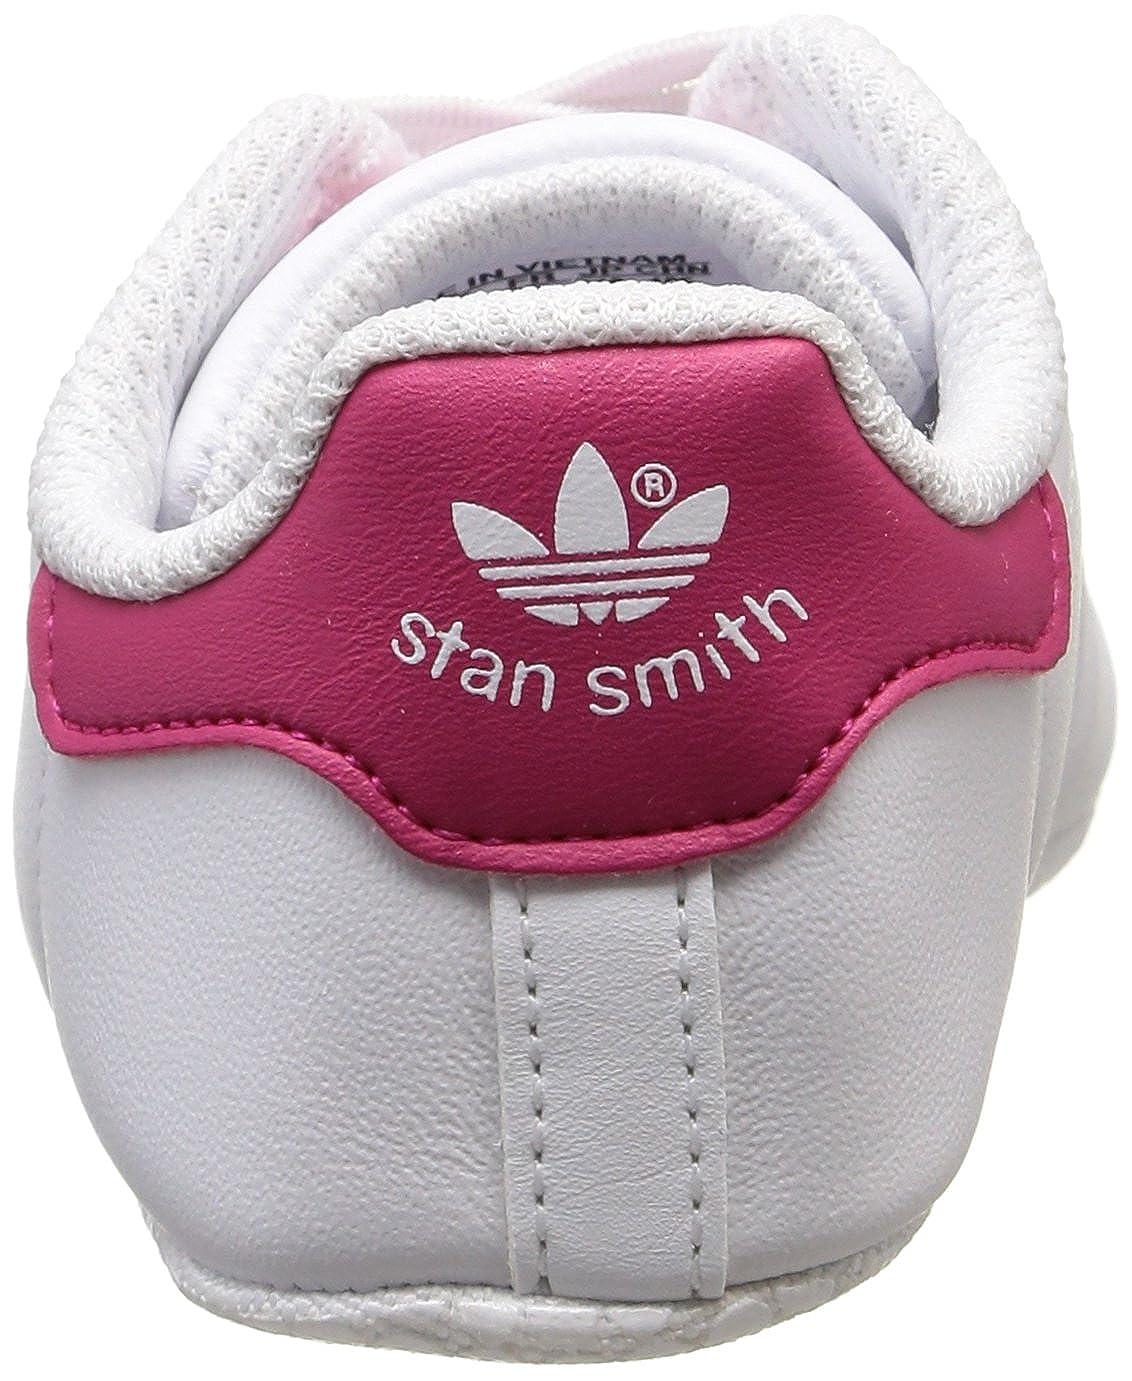 timeless design c1f2e acae3 adidas Originals Unisex Baby Stan Smith Crib Lauflernschuhe  Amazon.de   Schuhe   Handtaschen